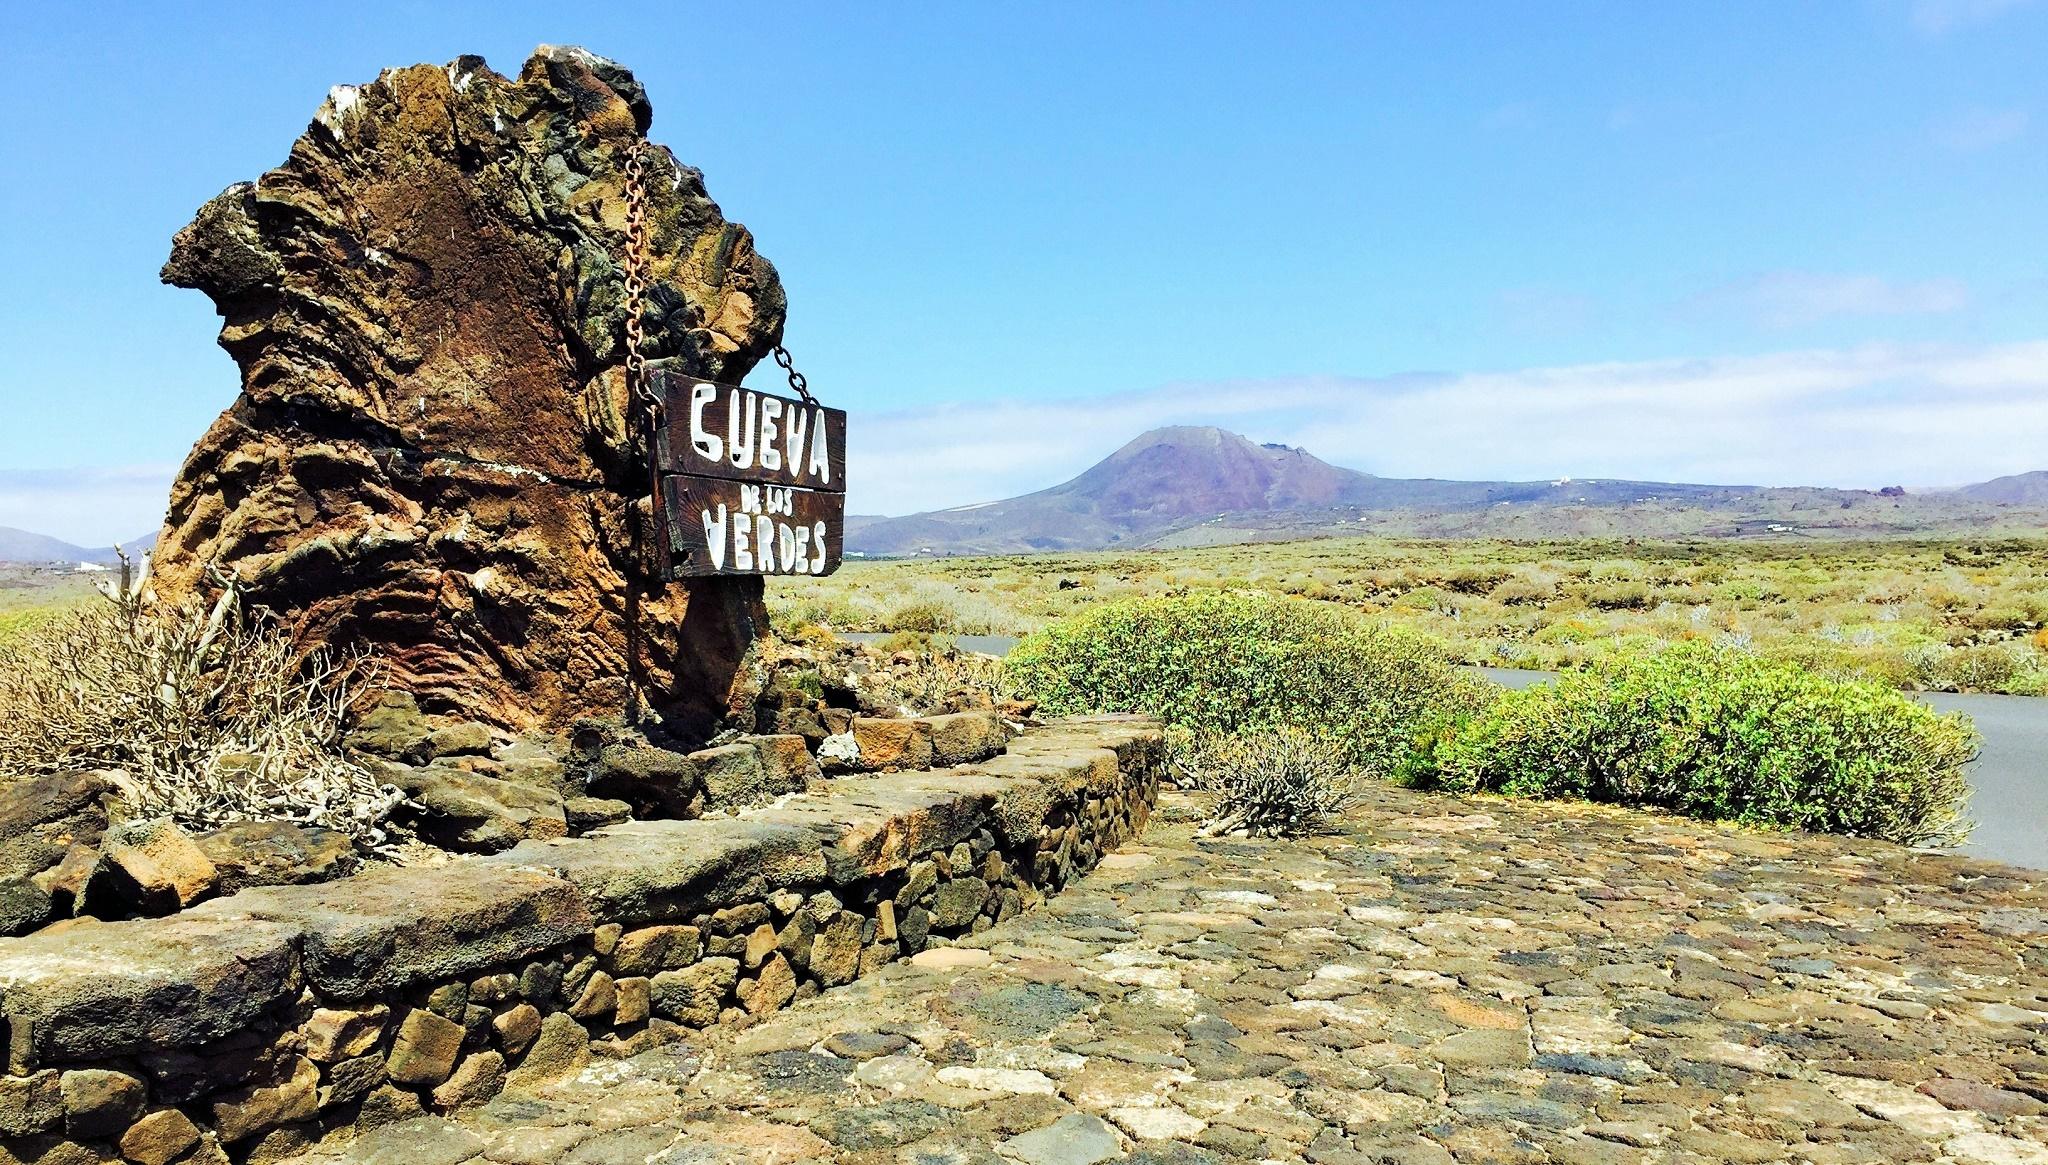 La Cueva de los Verdes y el Volcán de la Corona